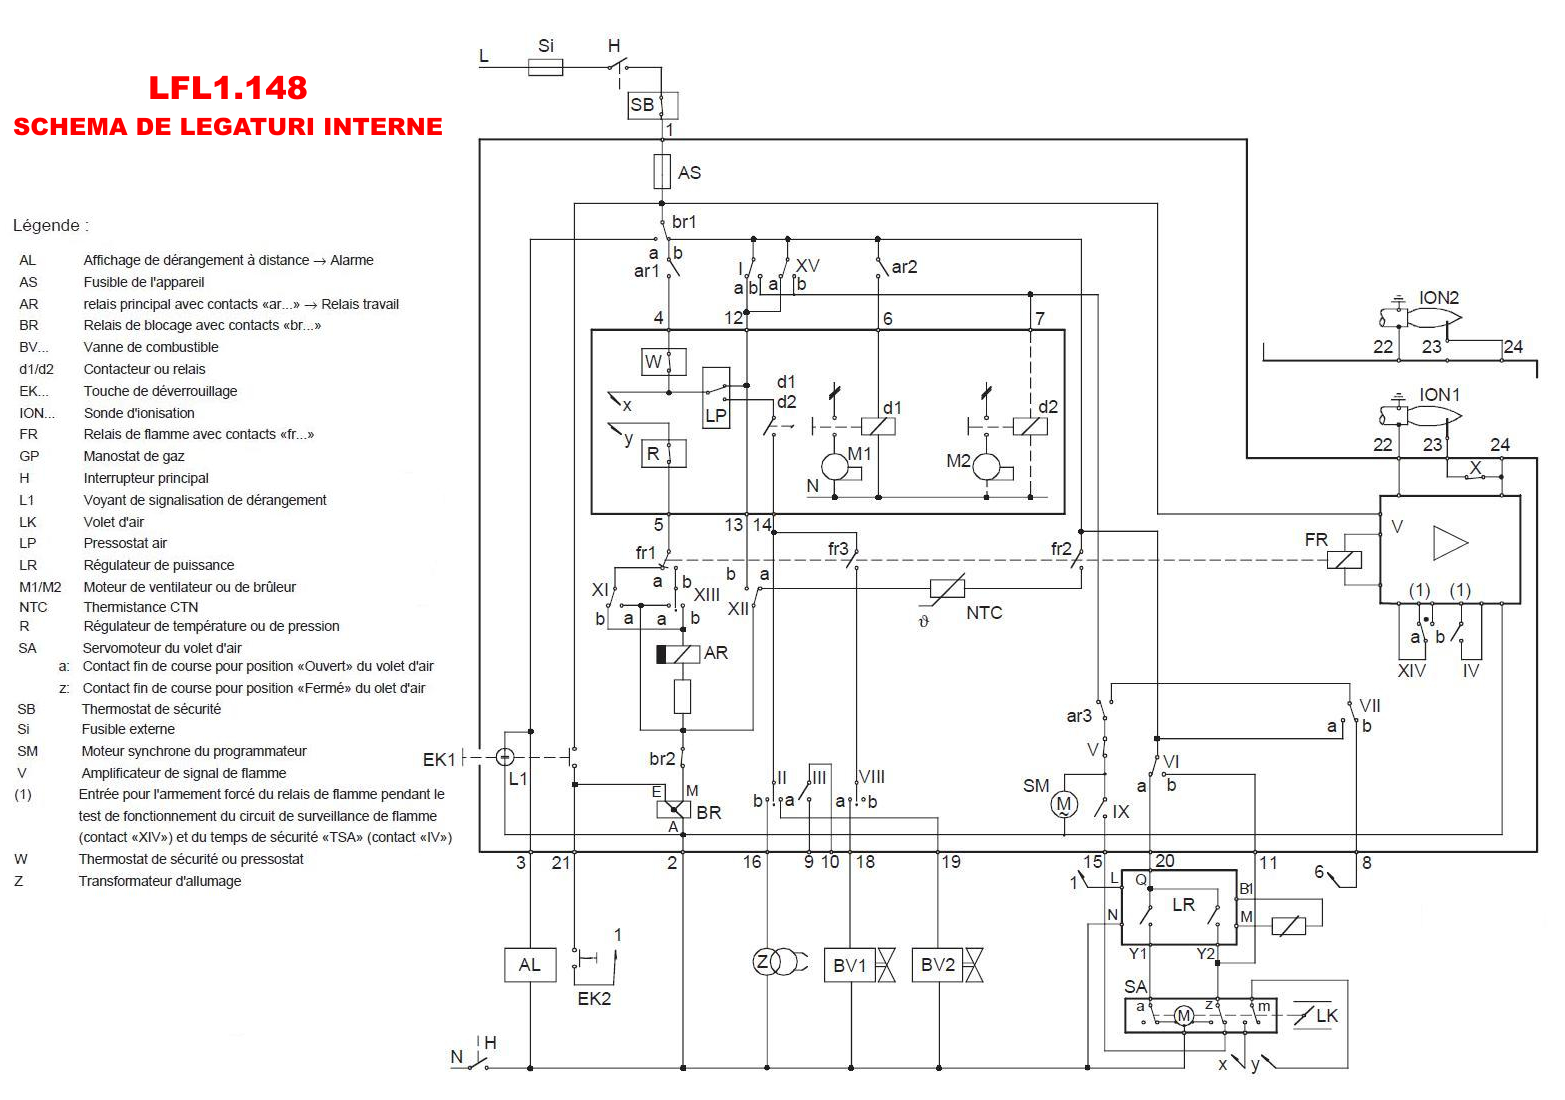 SIEMENS LFL1.148 SCHEMA_ELECTRICA